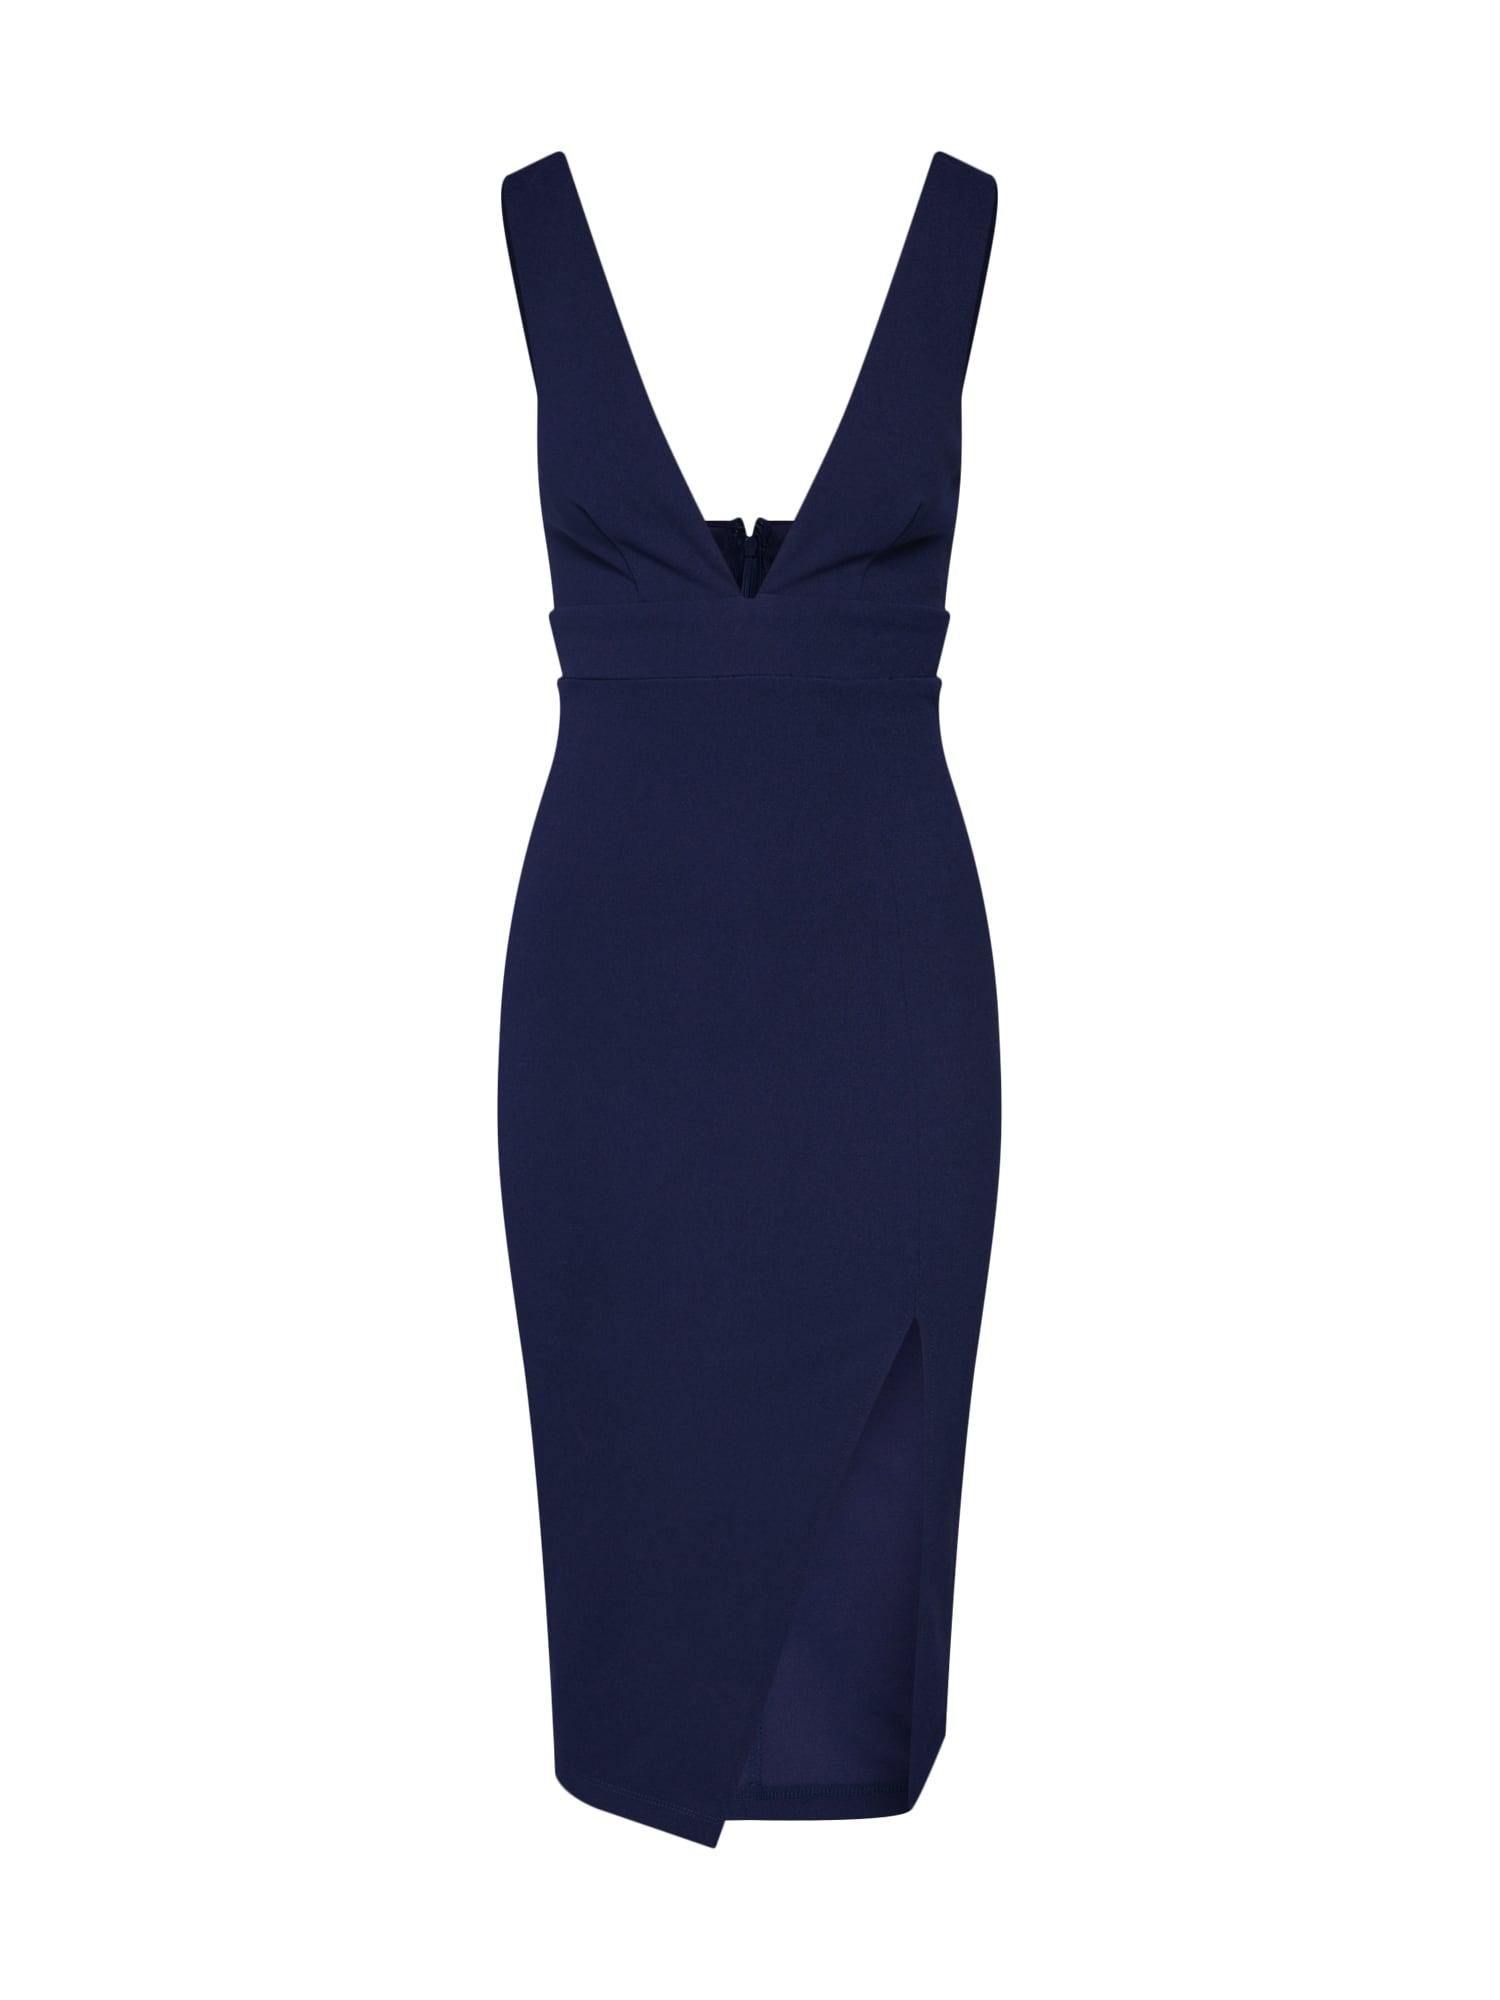 Pouzdrové šaty Shocking námořnická modř Parallel Lines